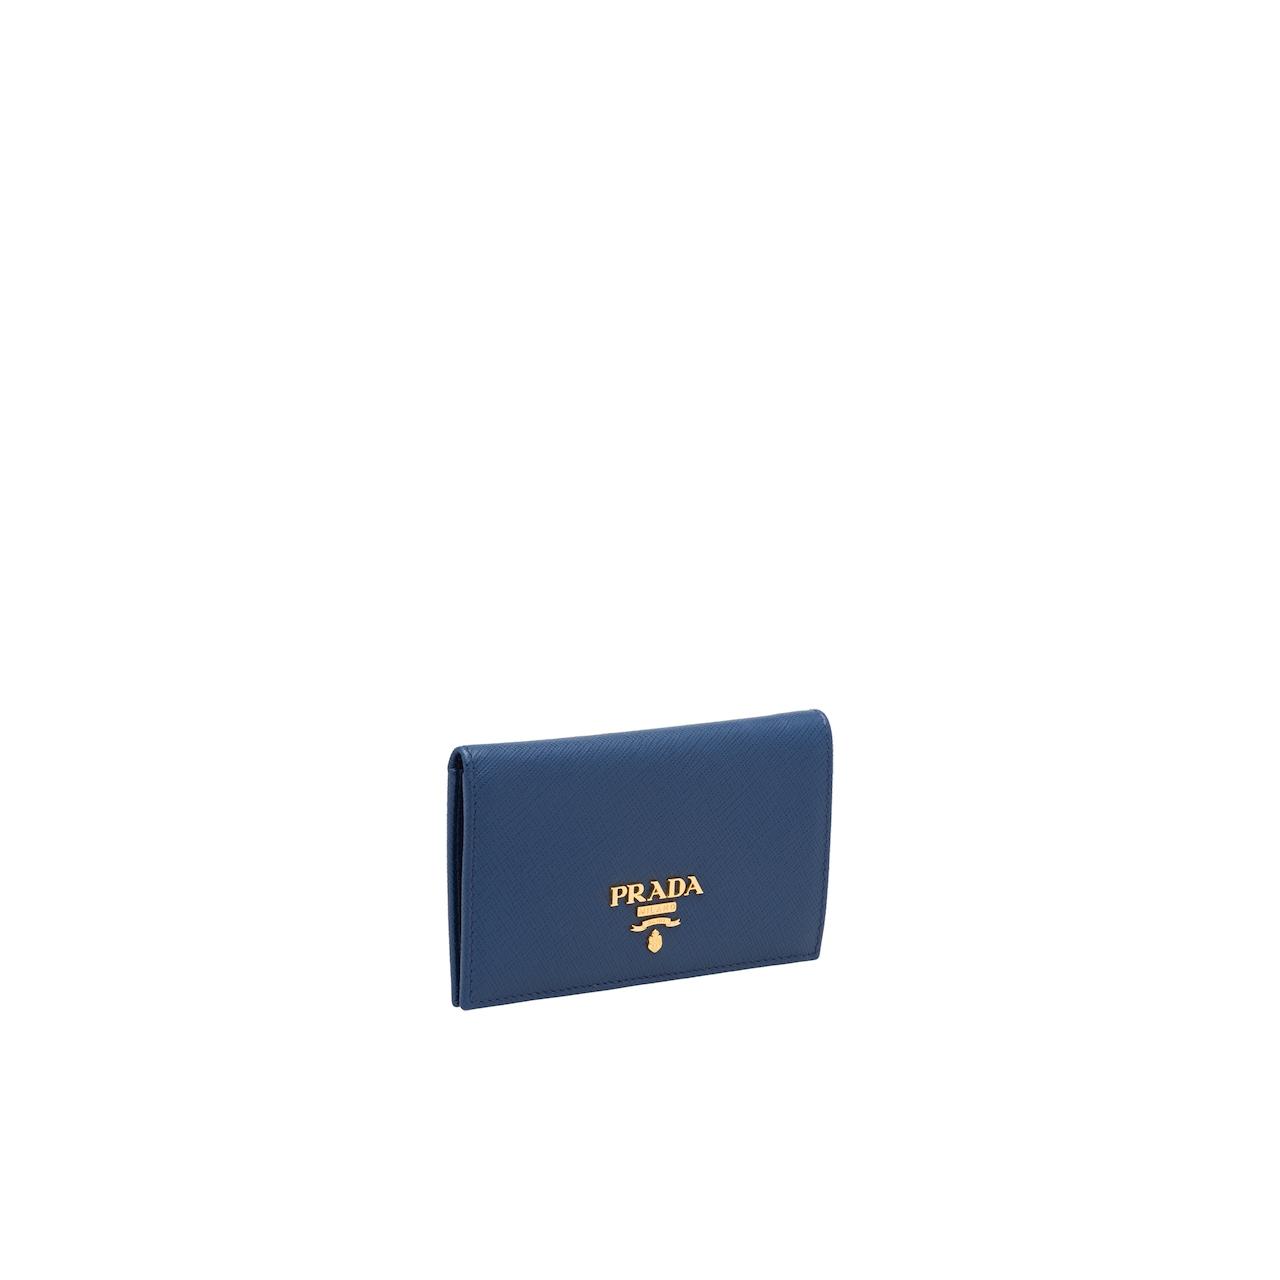 Prada Saffiano 皮革钱夹 4